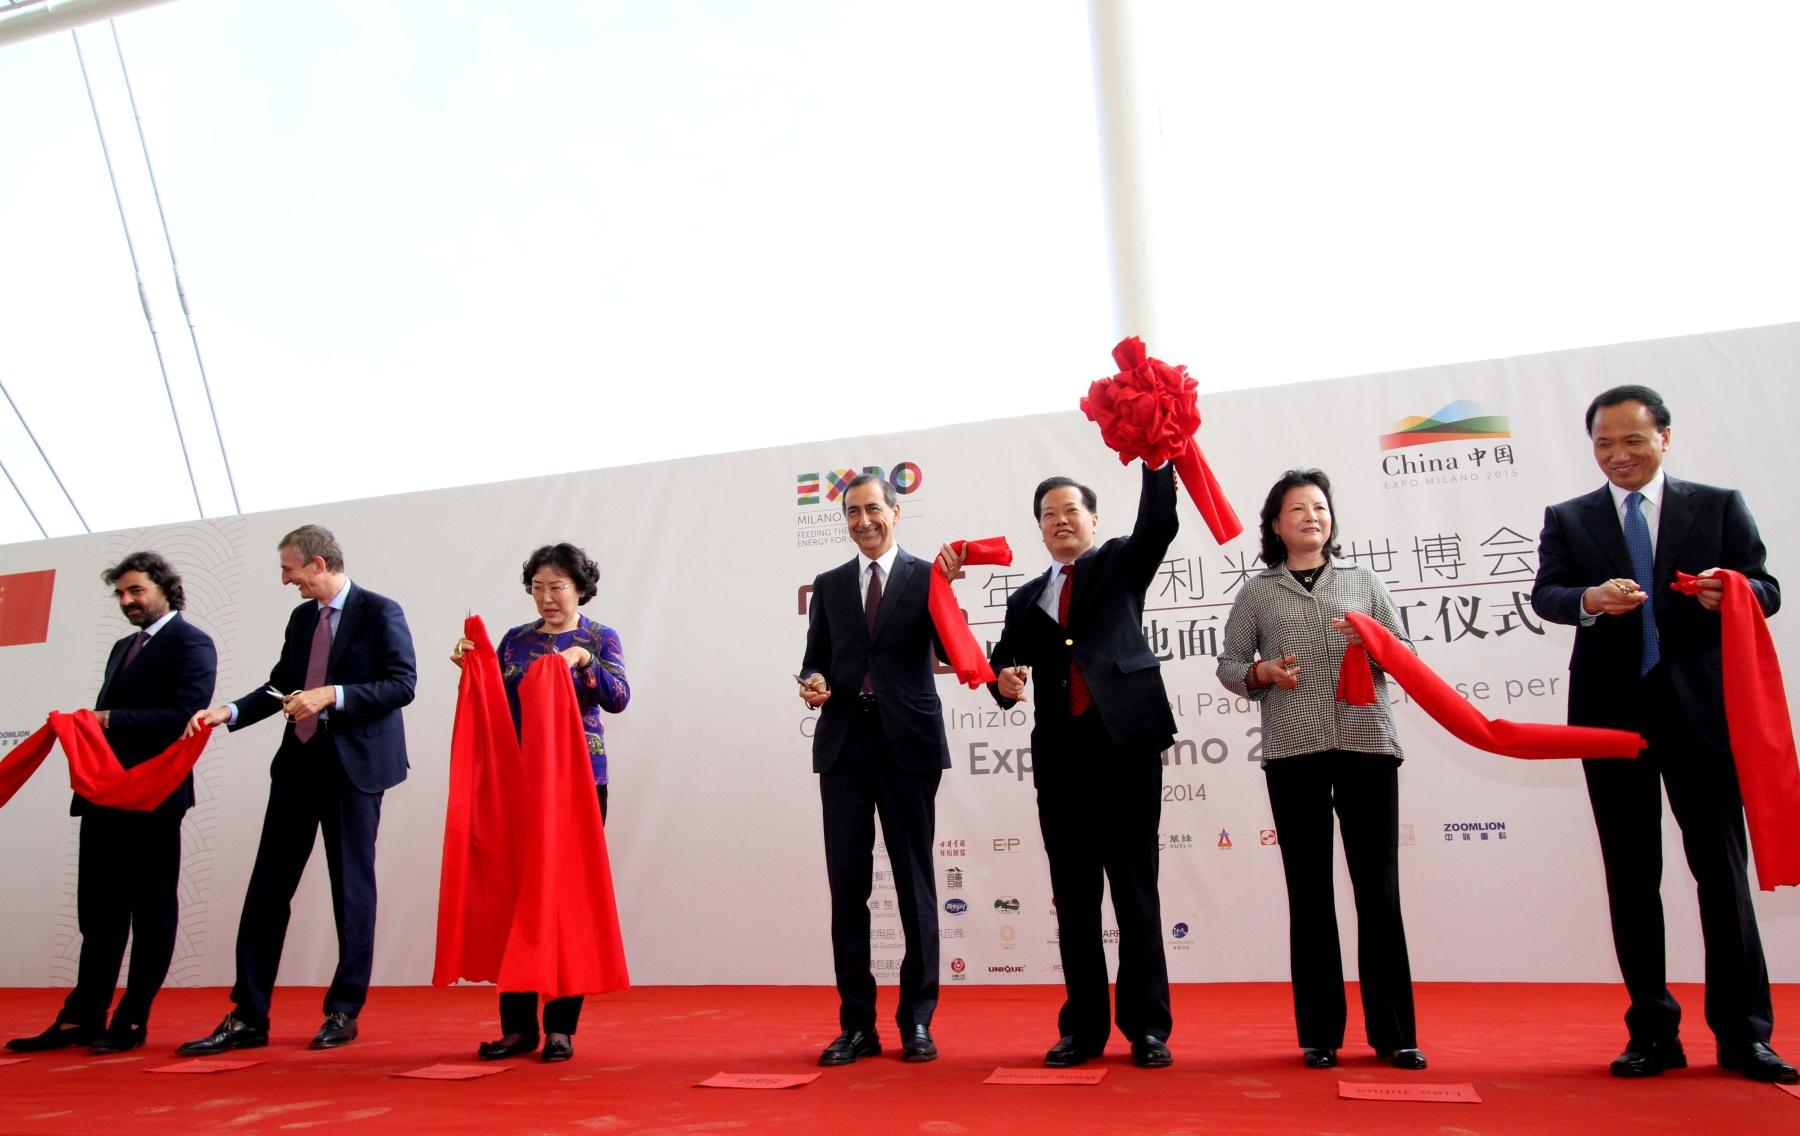 Cina da record a expo via al padiglione da 60 milioni di euro for Esposizione universale expo milano 2015